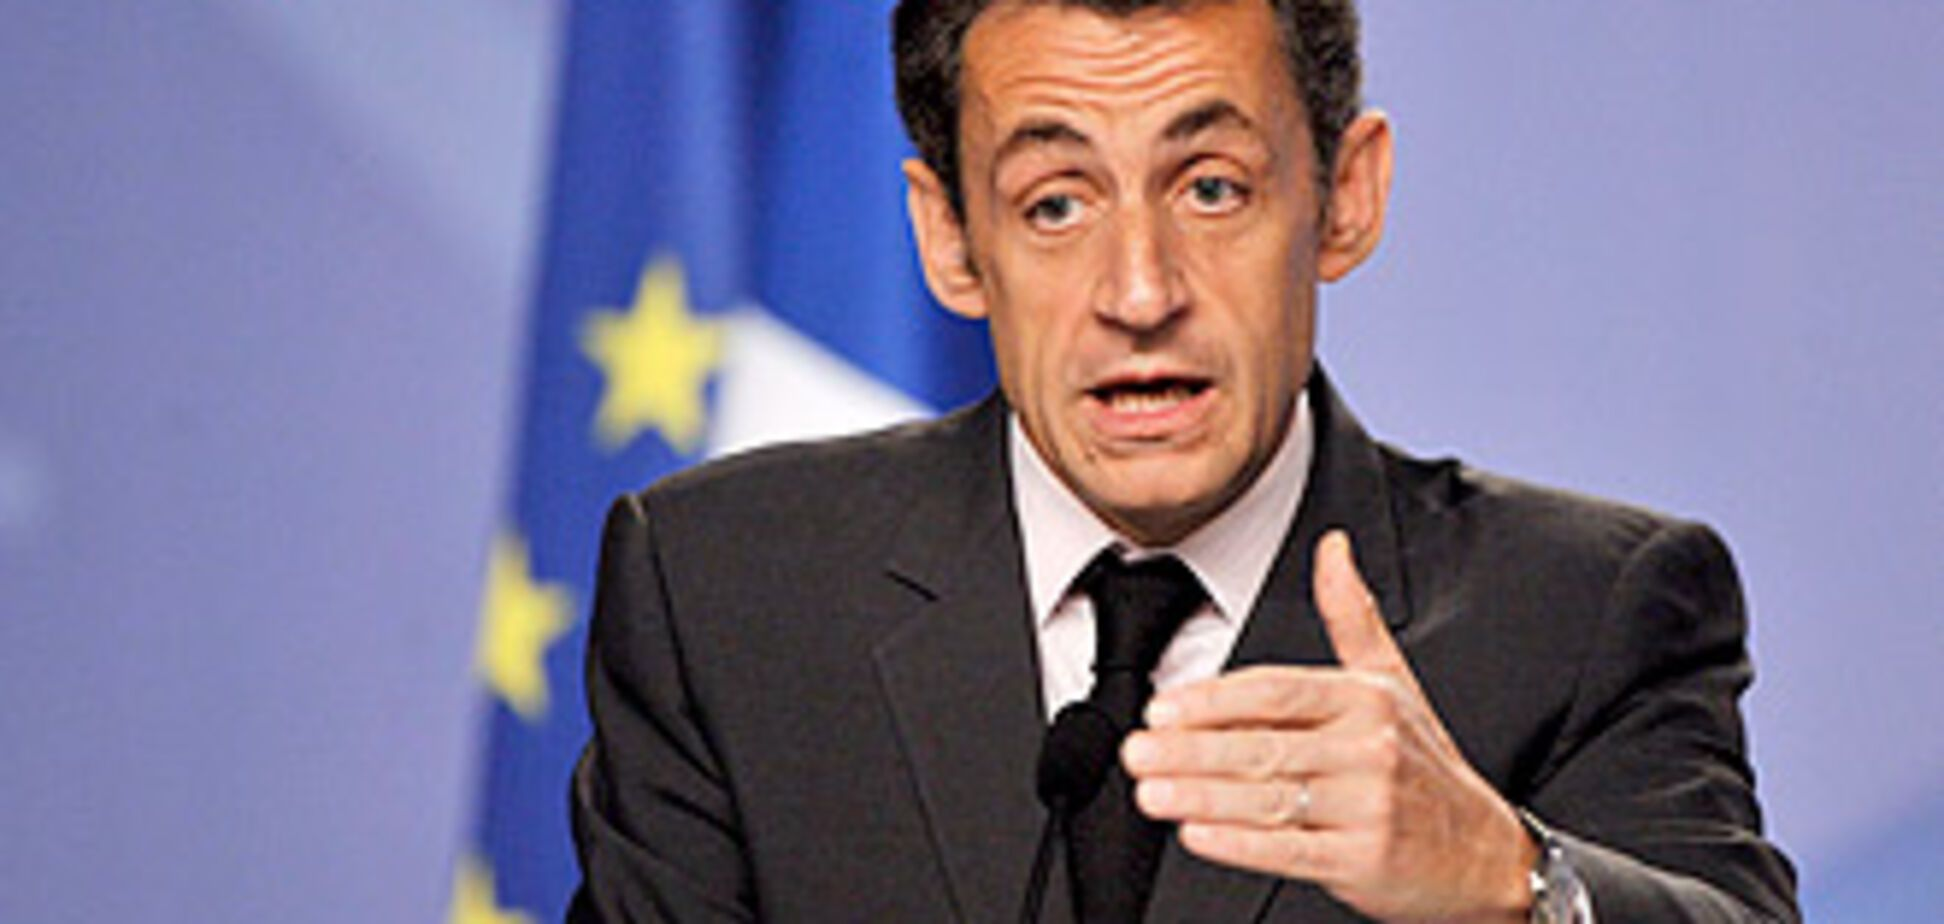 Саркозі отримав листа з погрозами і патронами